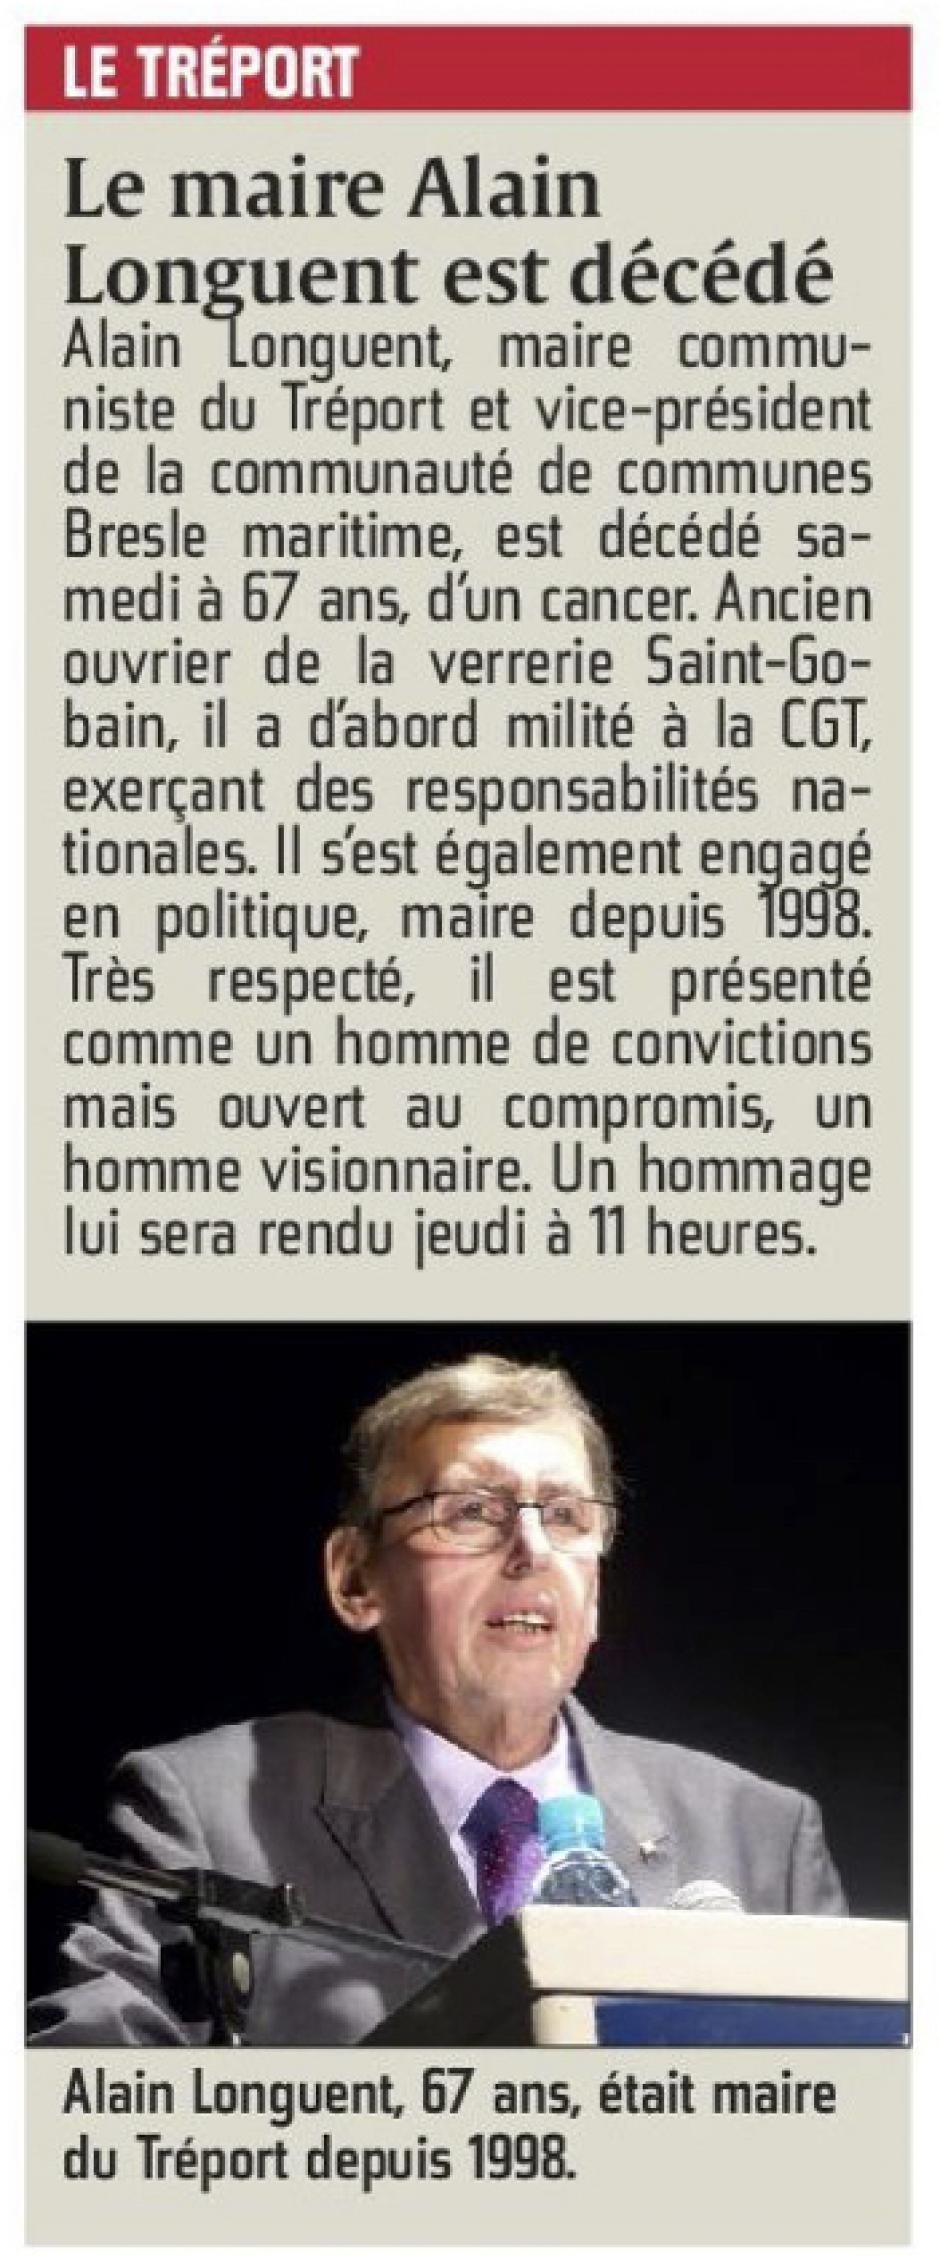 20160118-CP-Le Tréport-Le maire Alain Longuent est décédé [pages régionales]